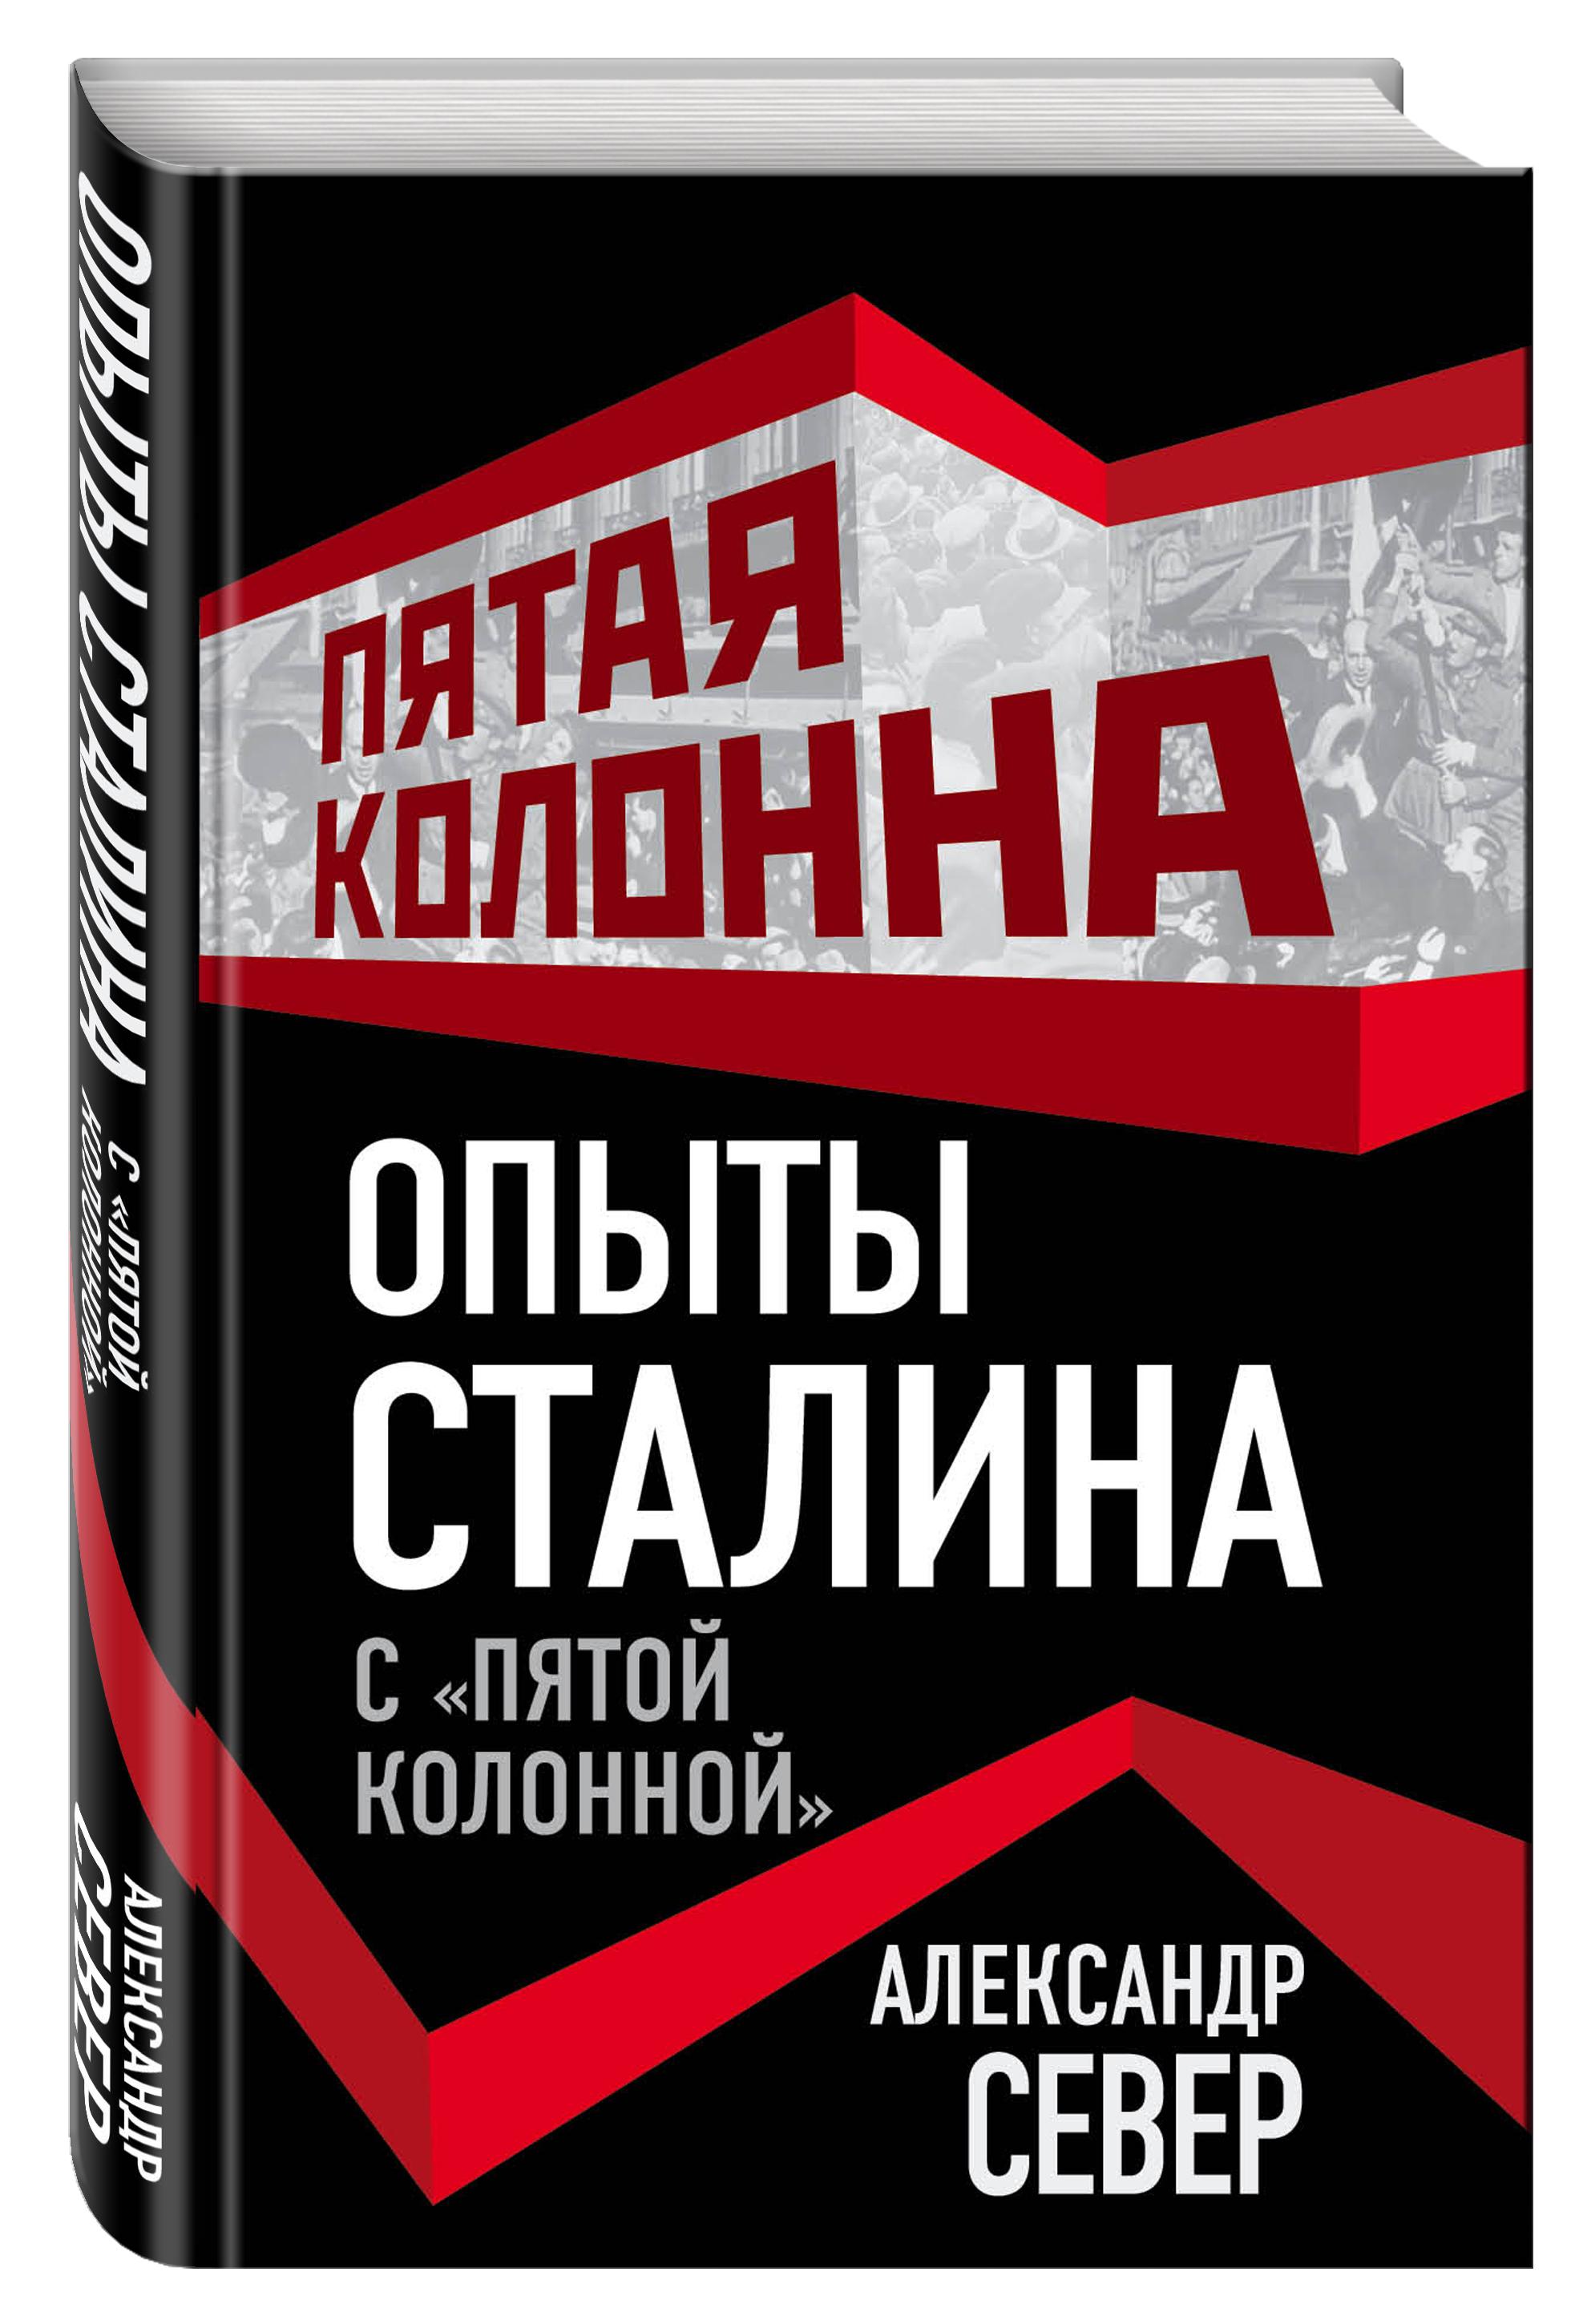 Опыты Сталина с «пятой колонной» ( Север Александр  )